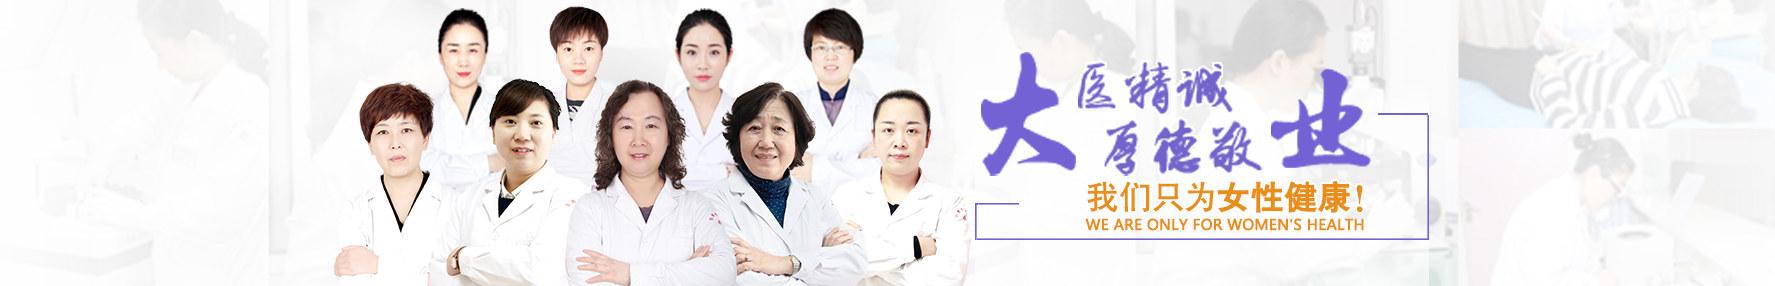 沈阳凤凰妇科医院